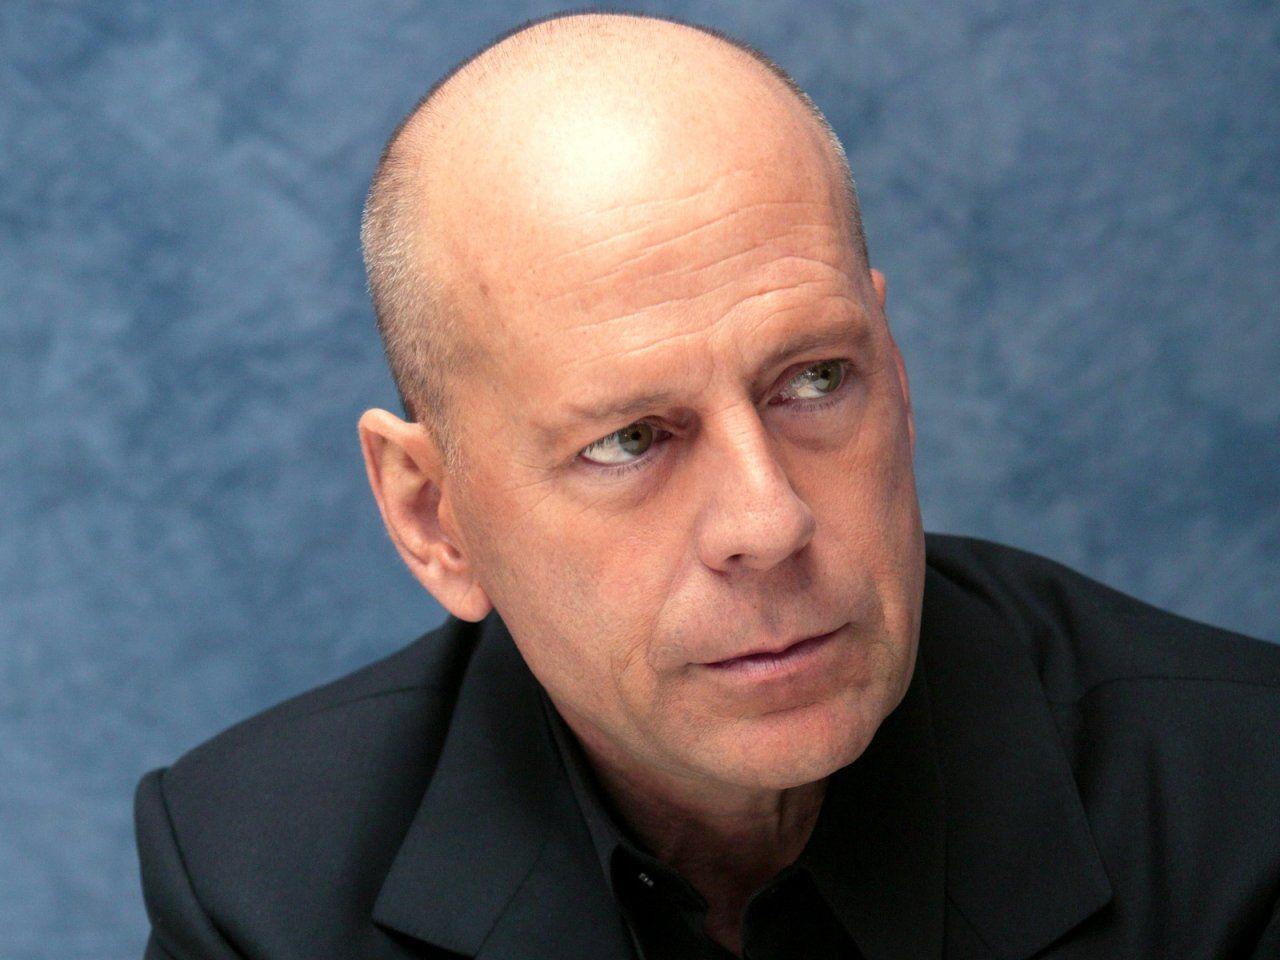 Bruce Willis: Yandex.Görsel'de 43 bin görsel bulundu